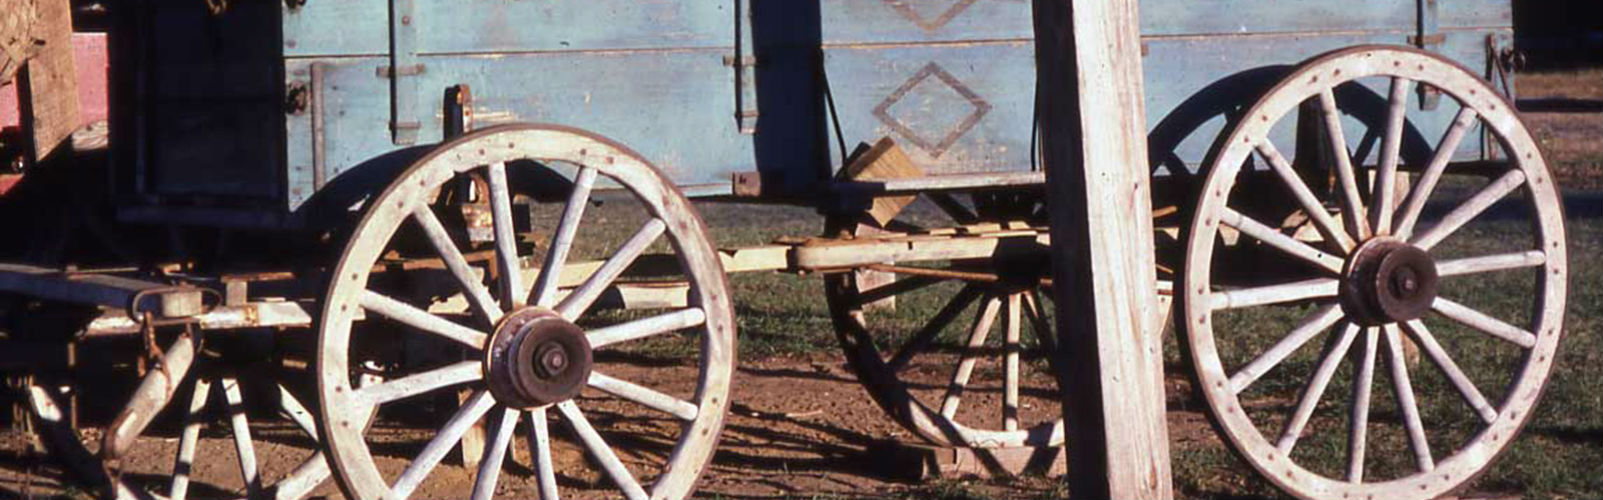 wagon-500h